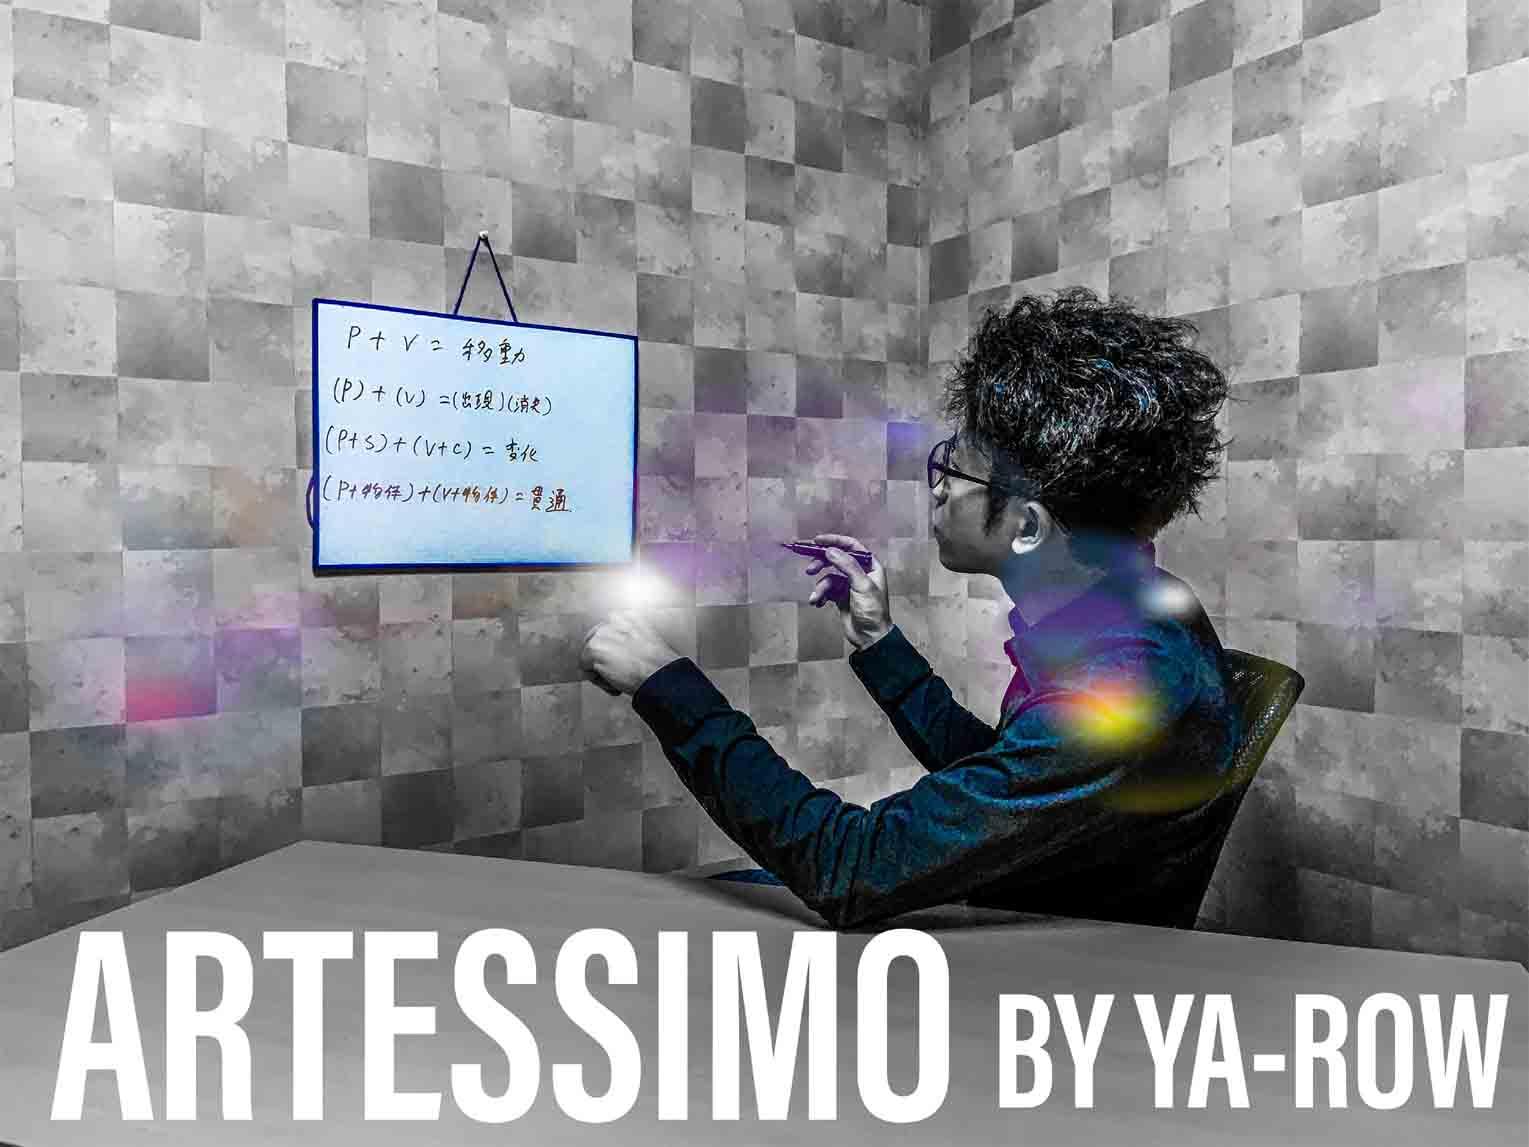 アルテッシモ by 野郎/ ARTESSIMO by YA-ROW